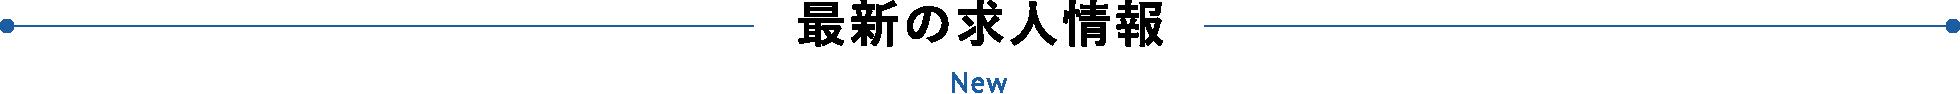 最新の求人情報 / New